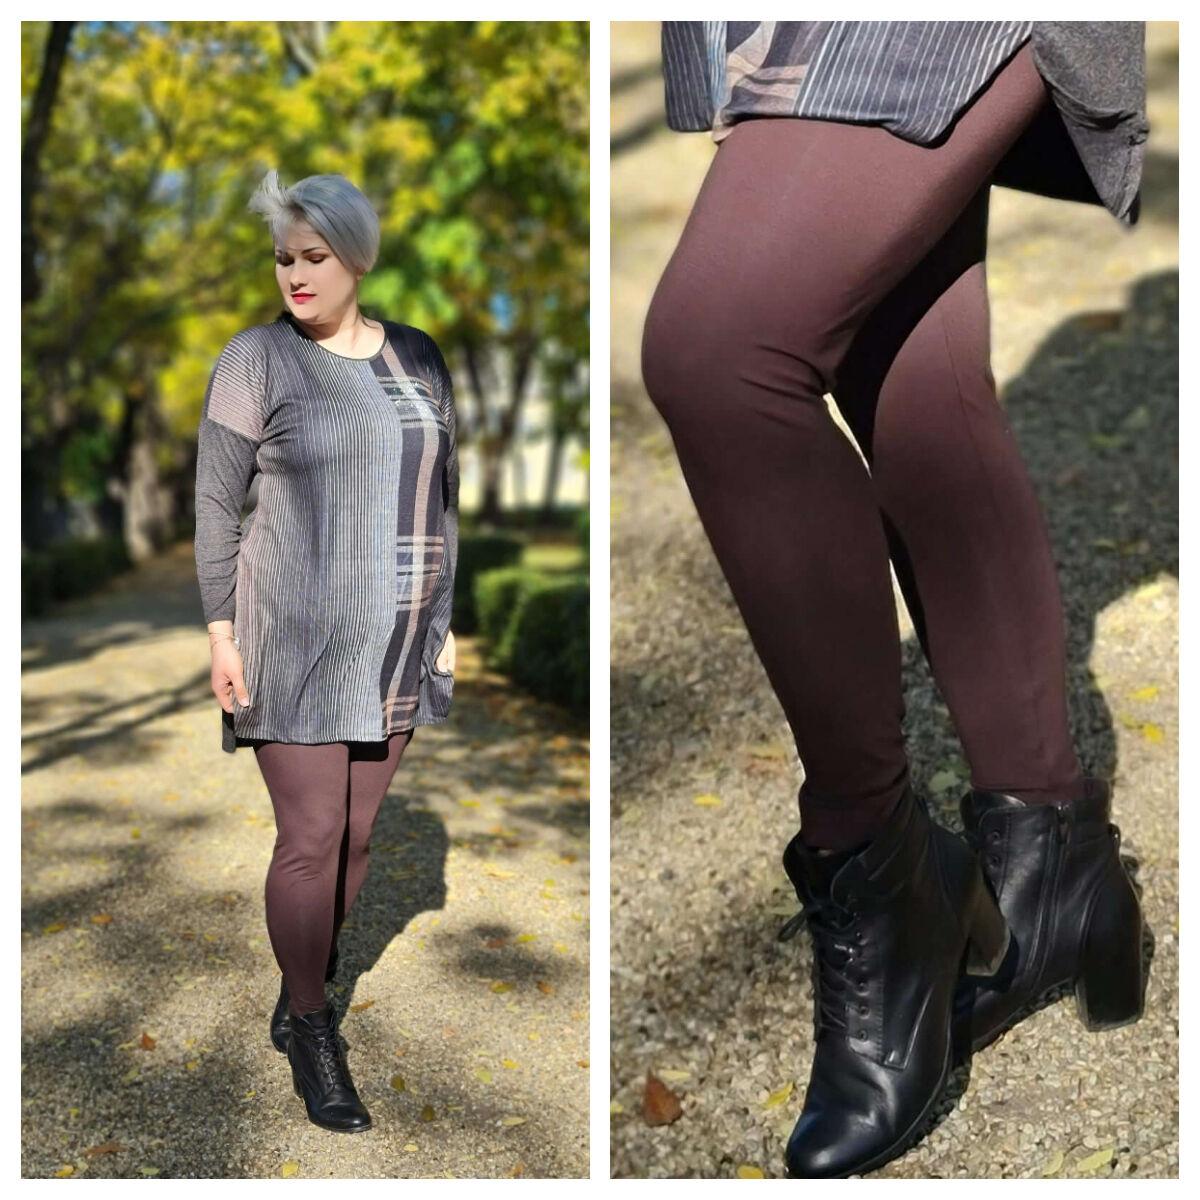 Asella leggings - plus size leggings